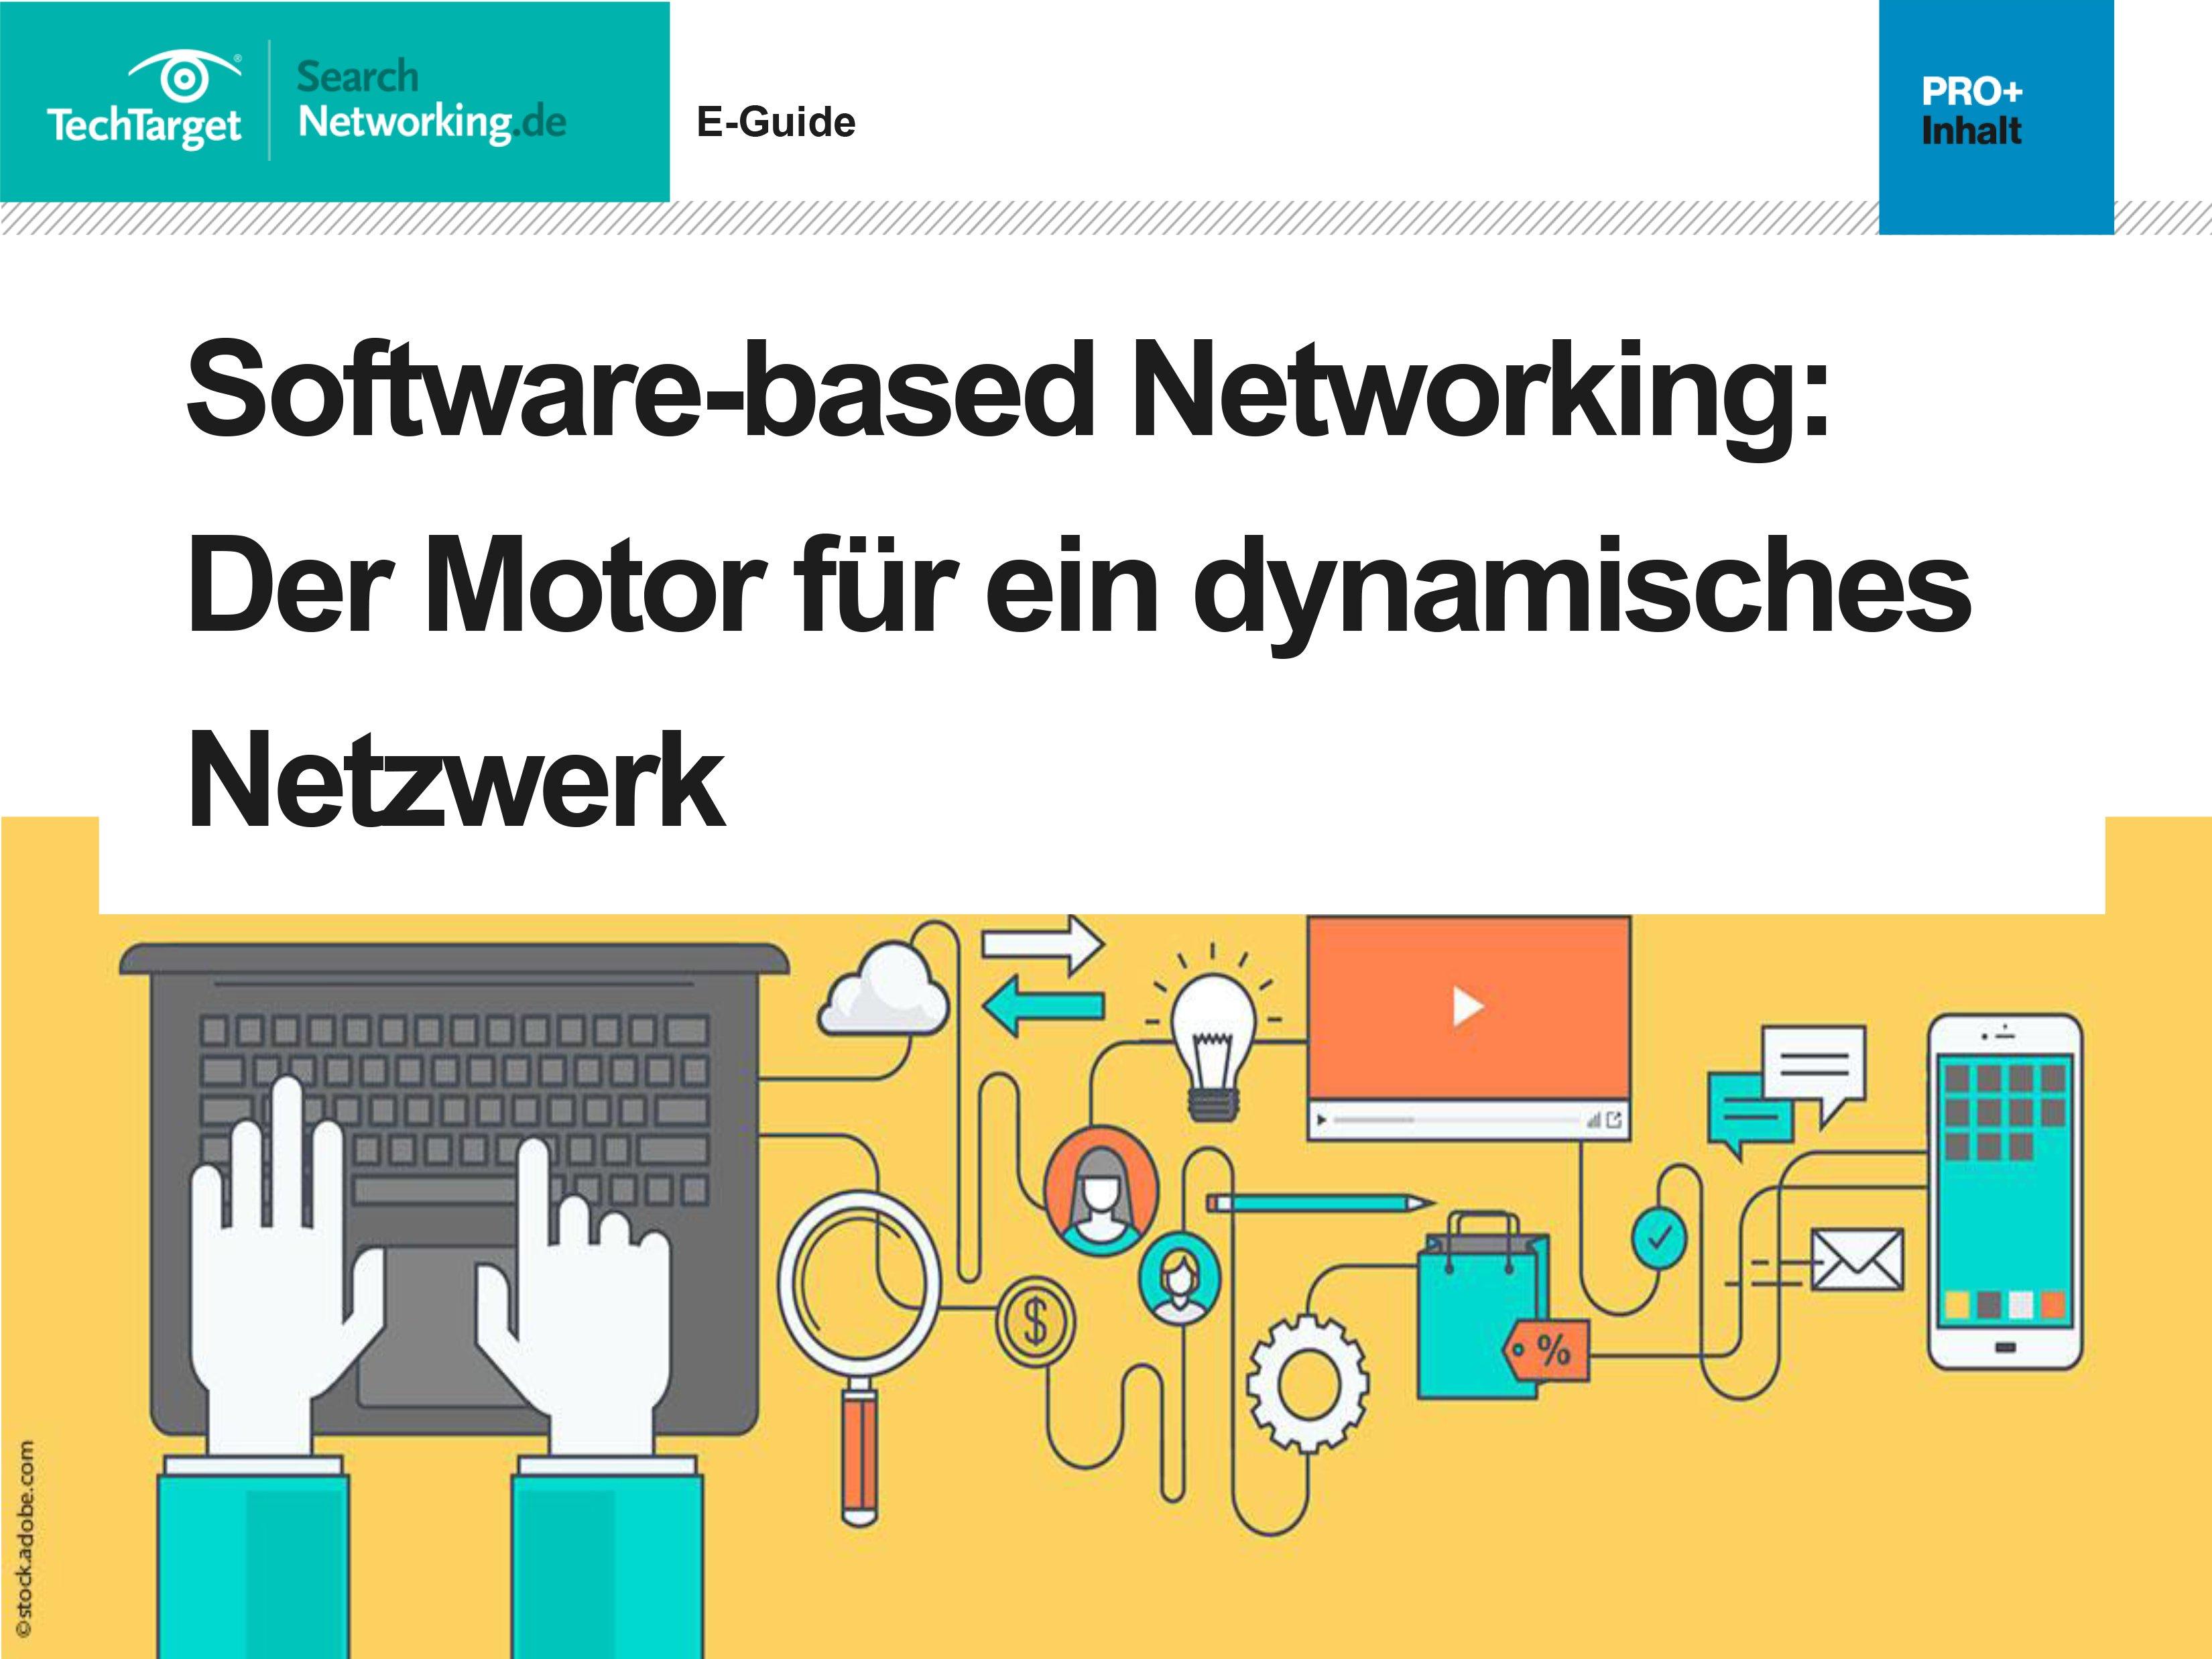 Netzwerk Technologie Und Management Informationen News Tipps Yamaha Motor Vega Force Db Sw Software Based Networking Der Fr Ein Dynamisches